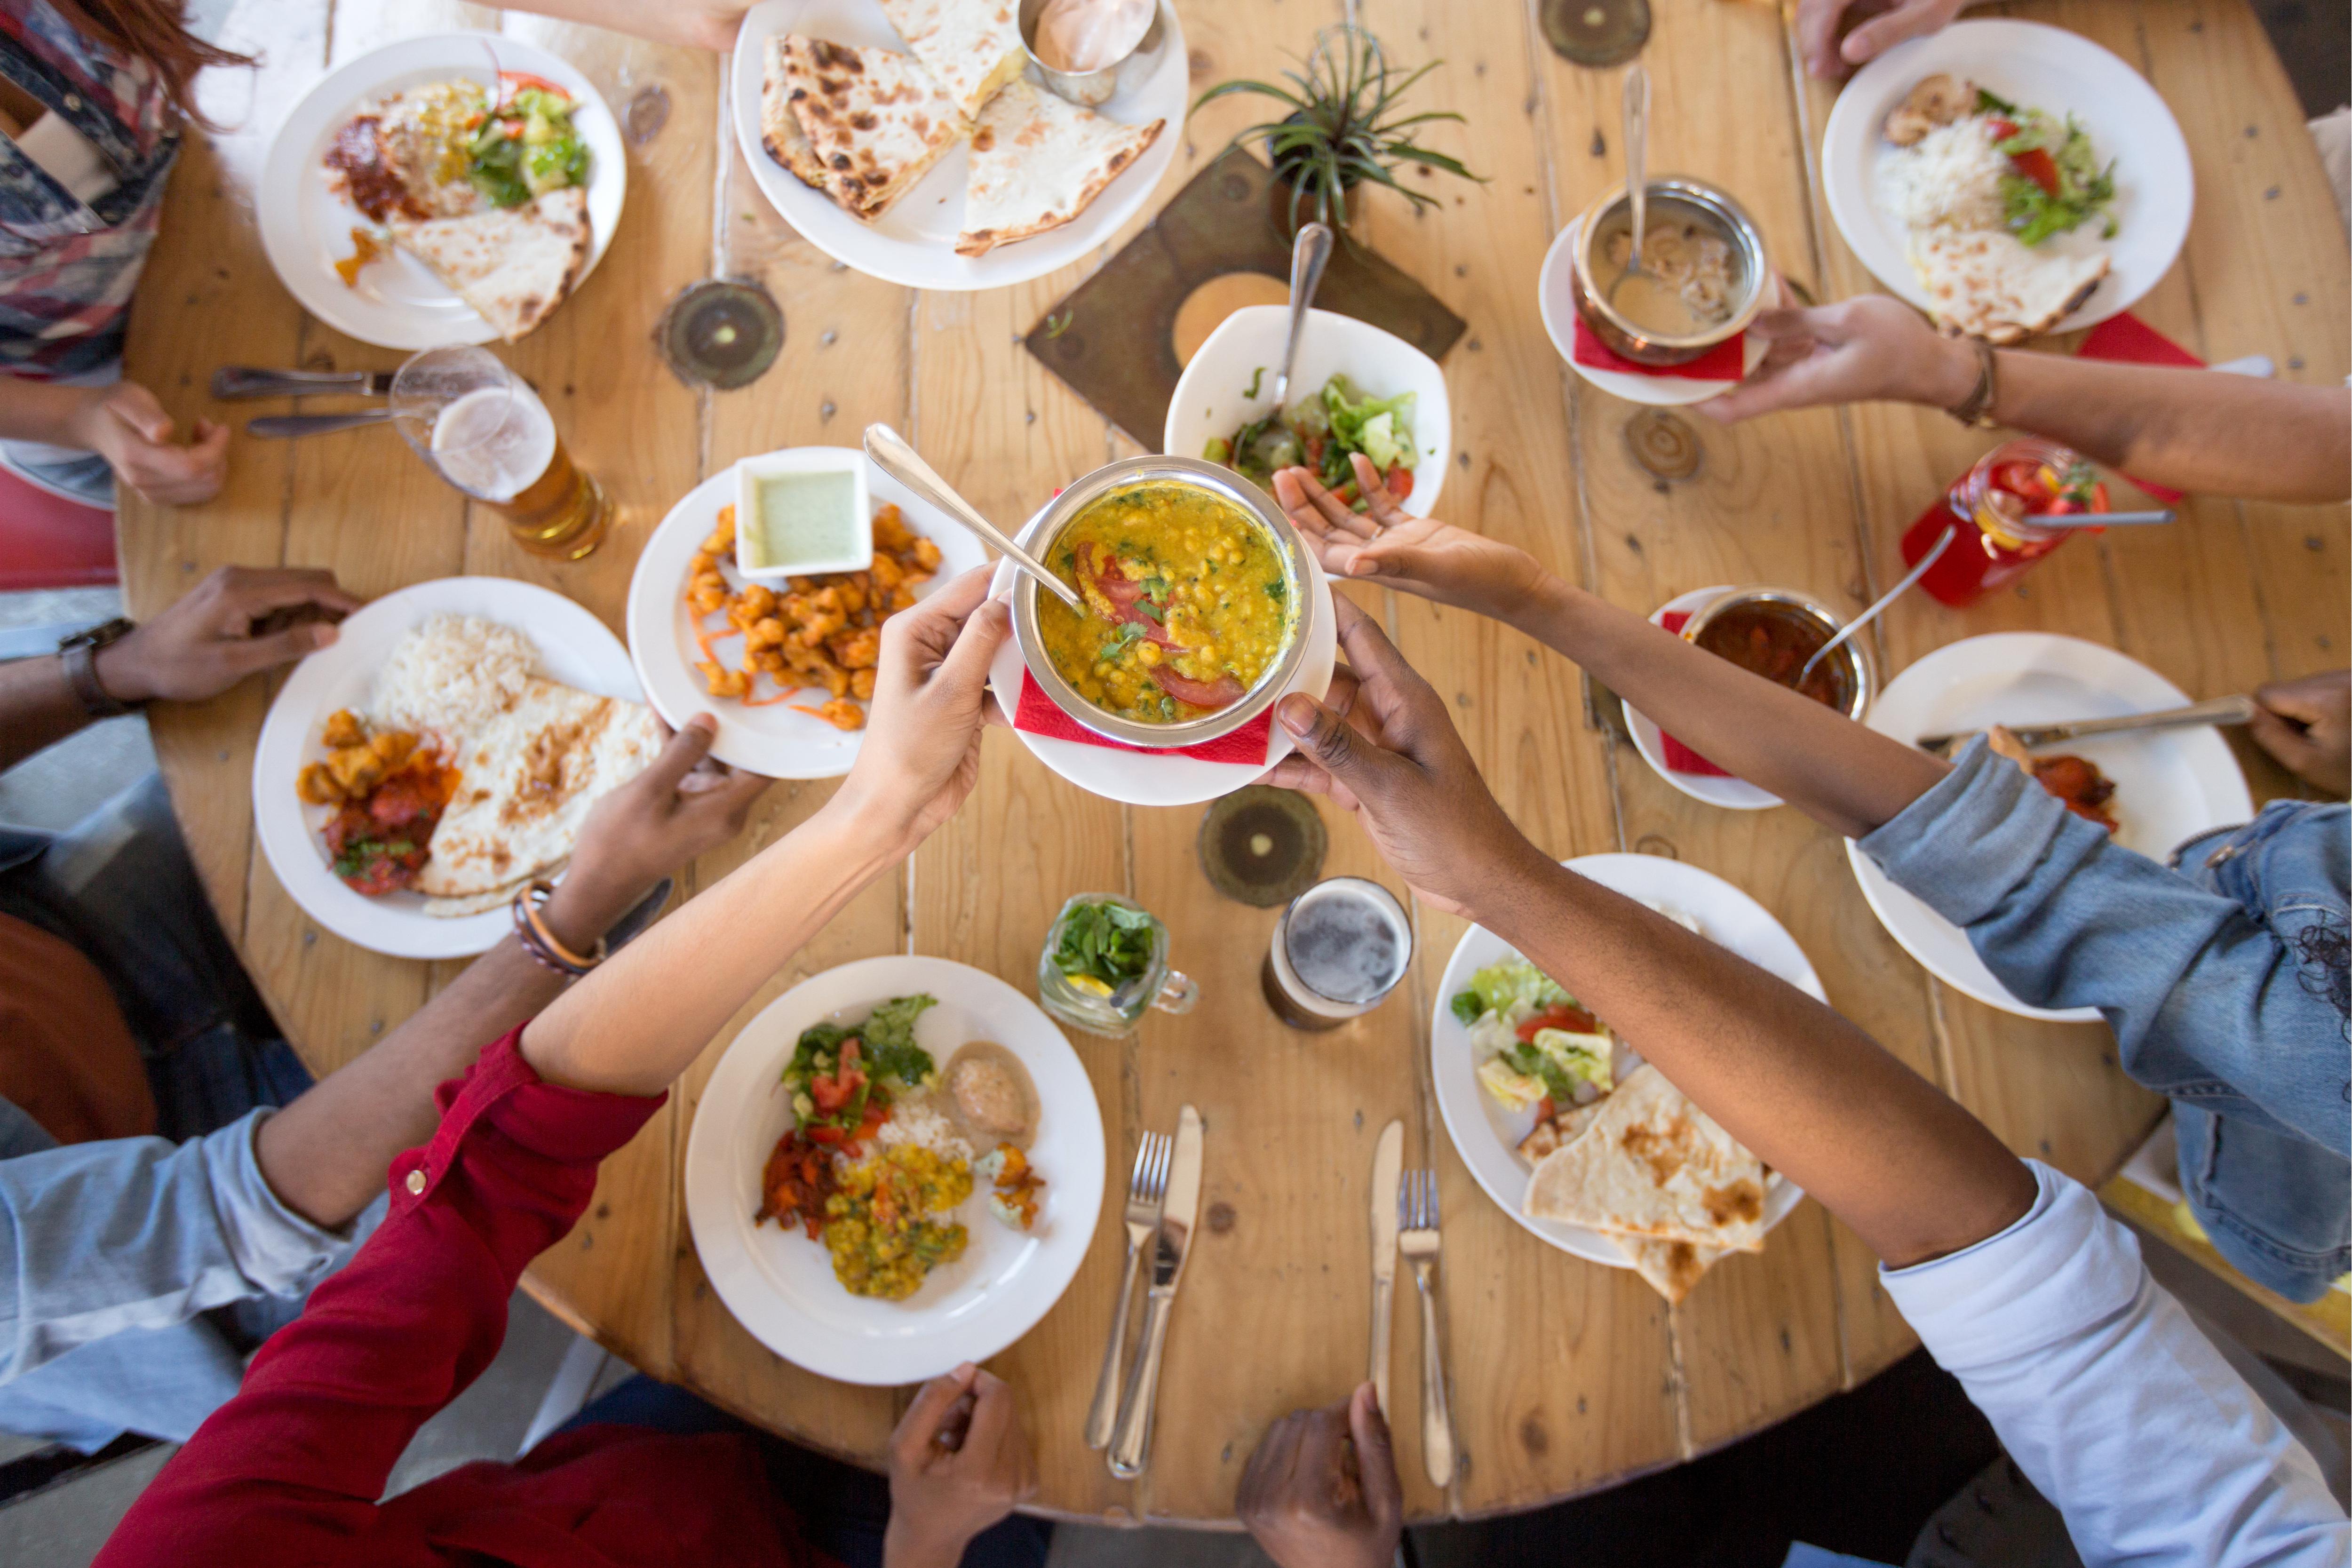 World's first zero waste restaurant opens in London